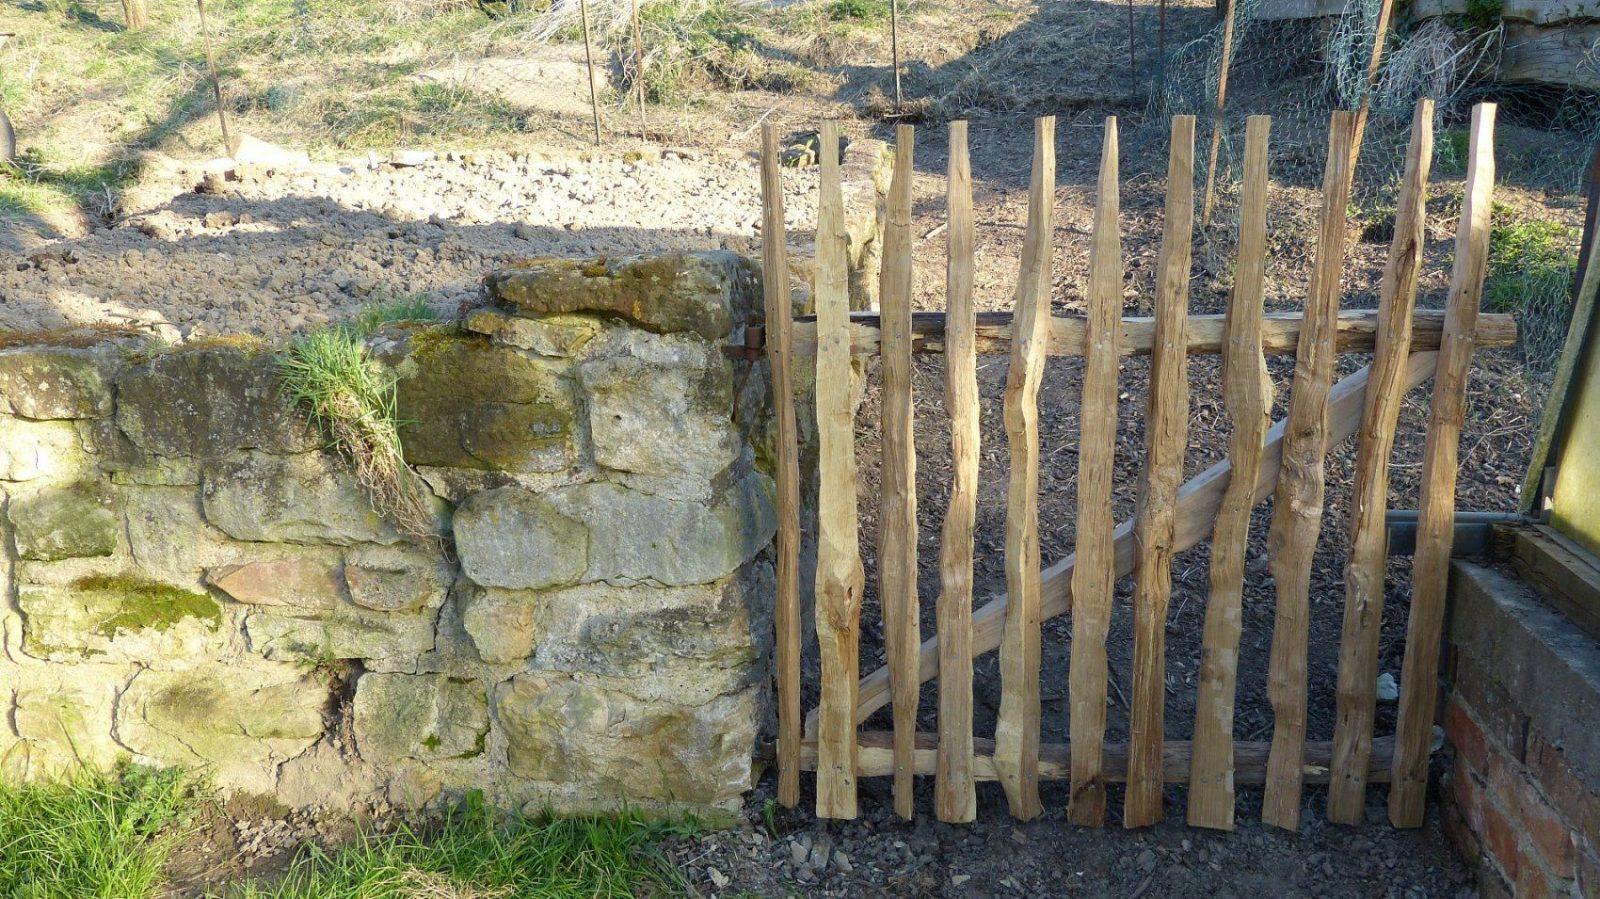 Gartengestaltung Gartentor Naturzaun  Holzzaun Selber Bauen  Youtube von Gartentor Aus Holz Bauen Photo